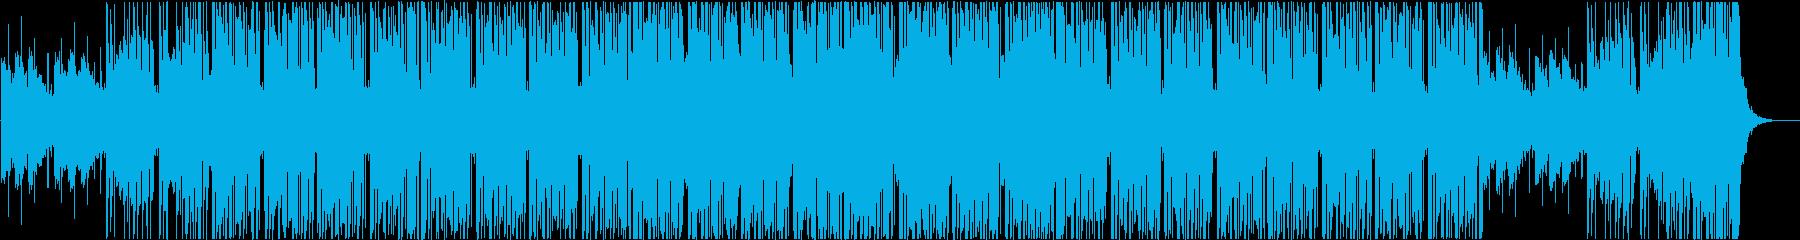 おだやか/シンプルの再生済みの波形